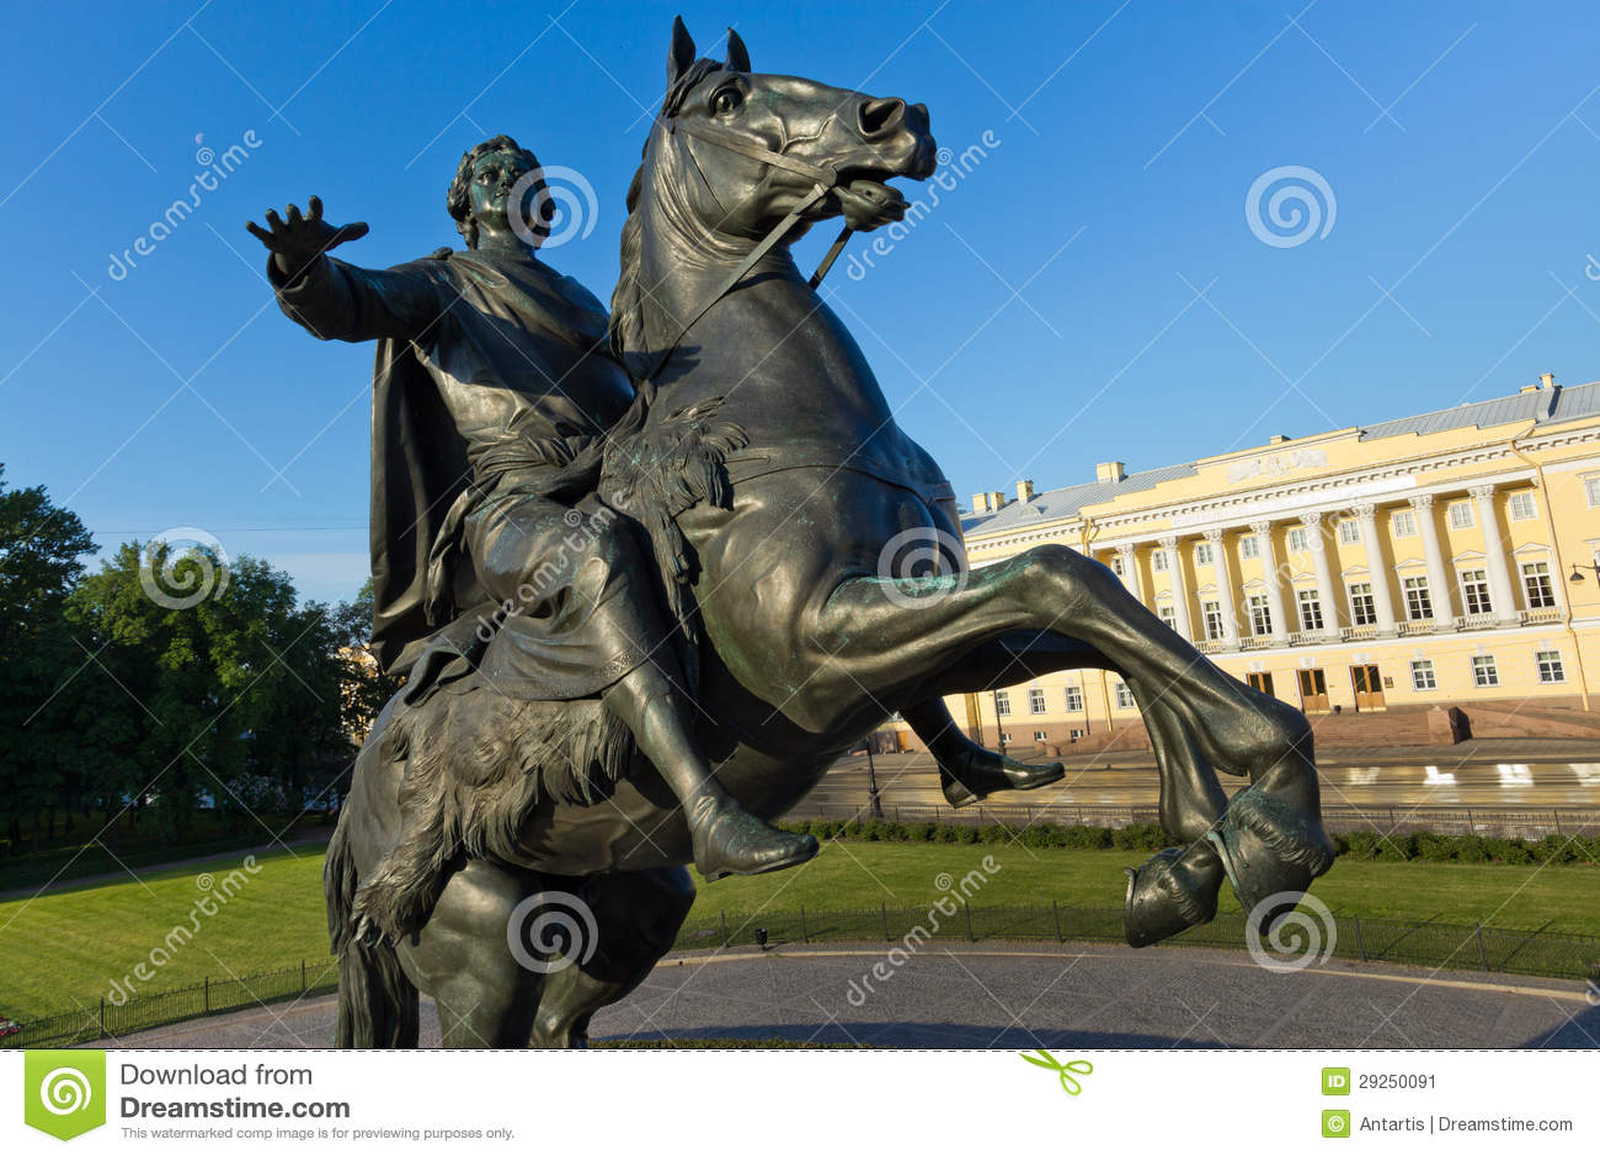 Памятник бронзовый наездник в Санкт-Петербурге